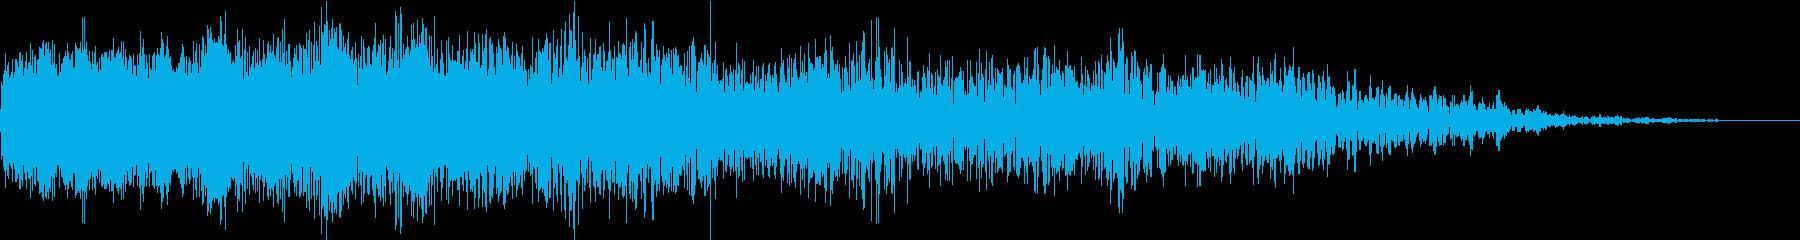 機械ダウン、壊れるA04の再生済みの波形